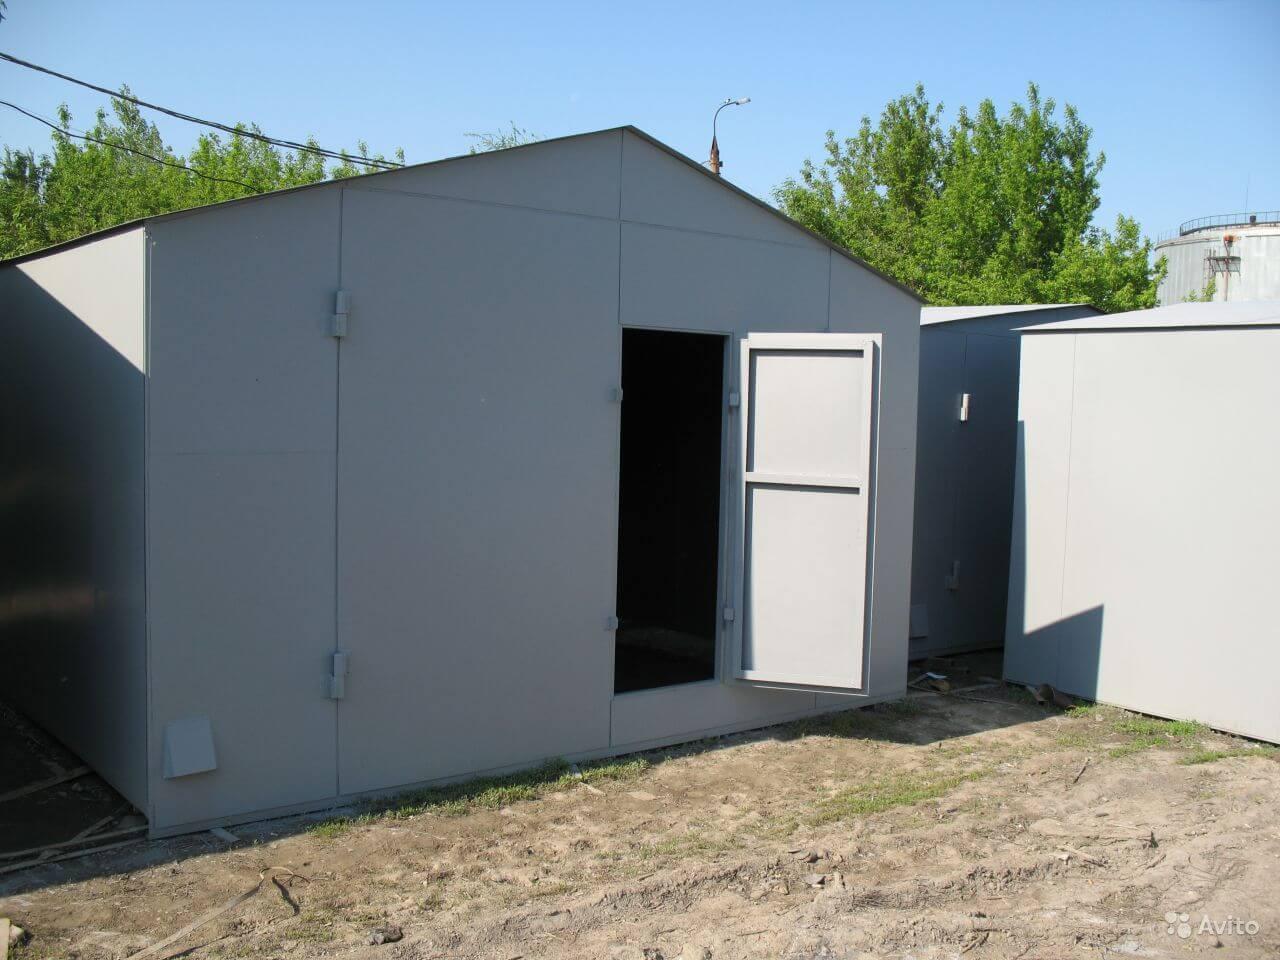 Цены на гараж из железа металлический гараж крыша